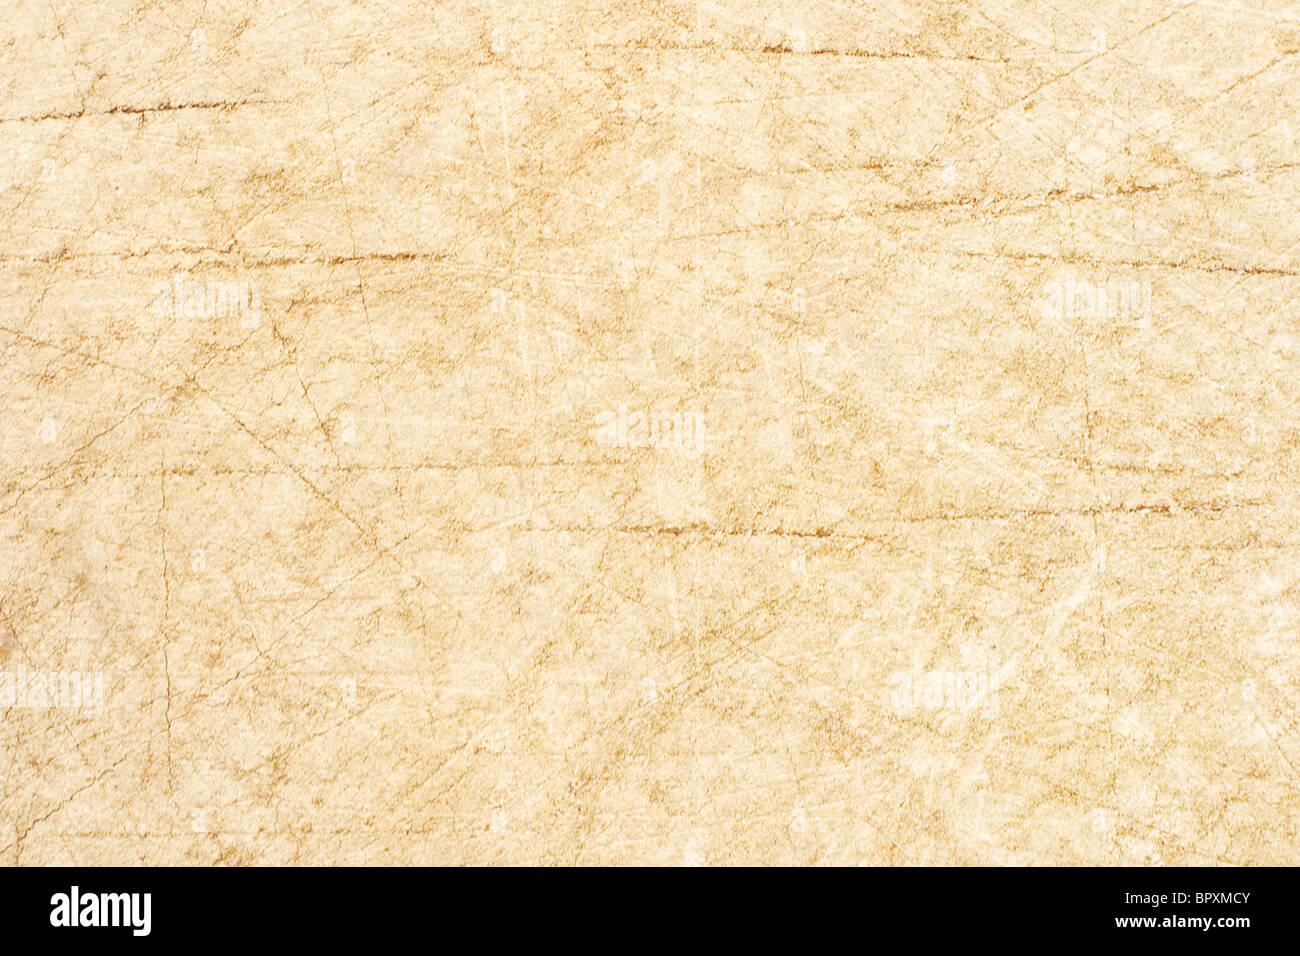 La textura de la superficie de madera Fondo bloque picado Imagen De Stock